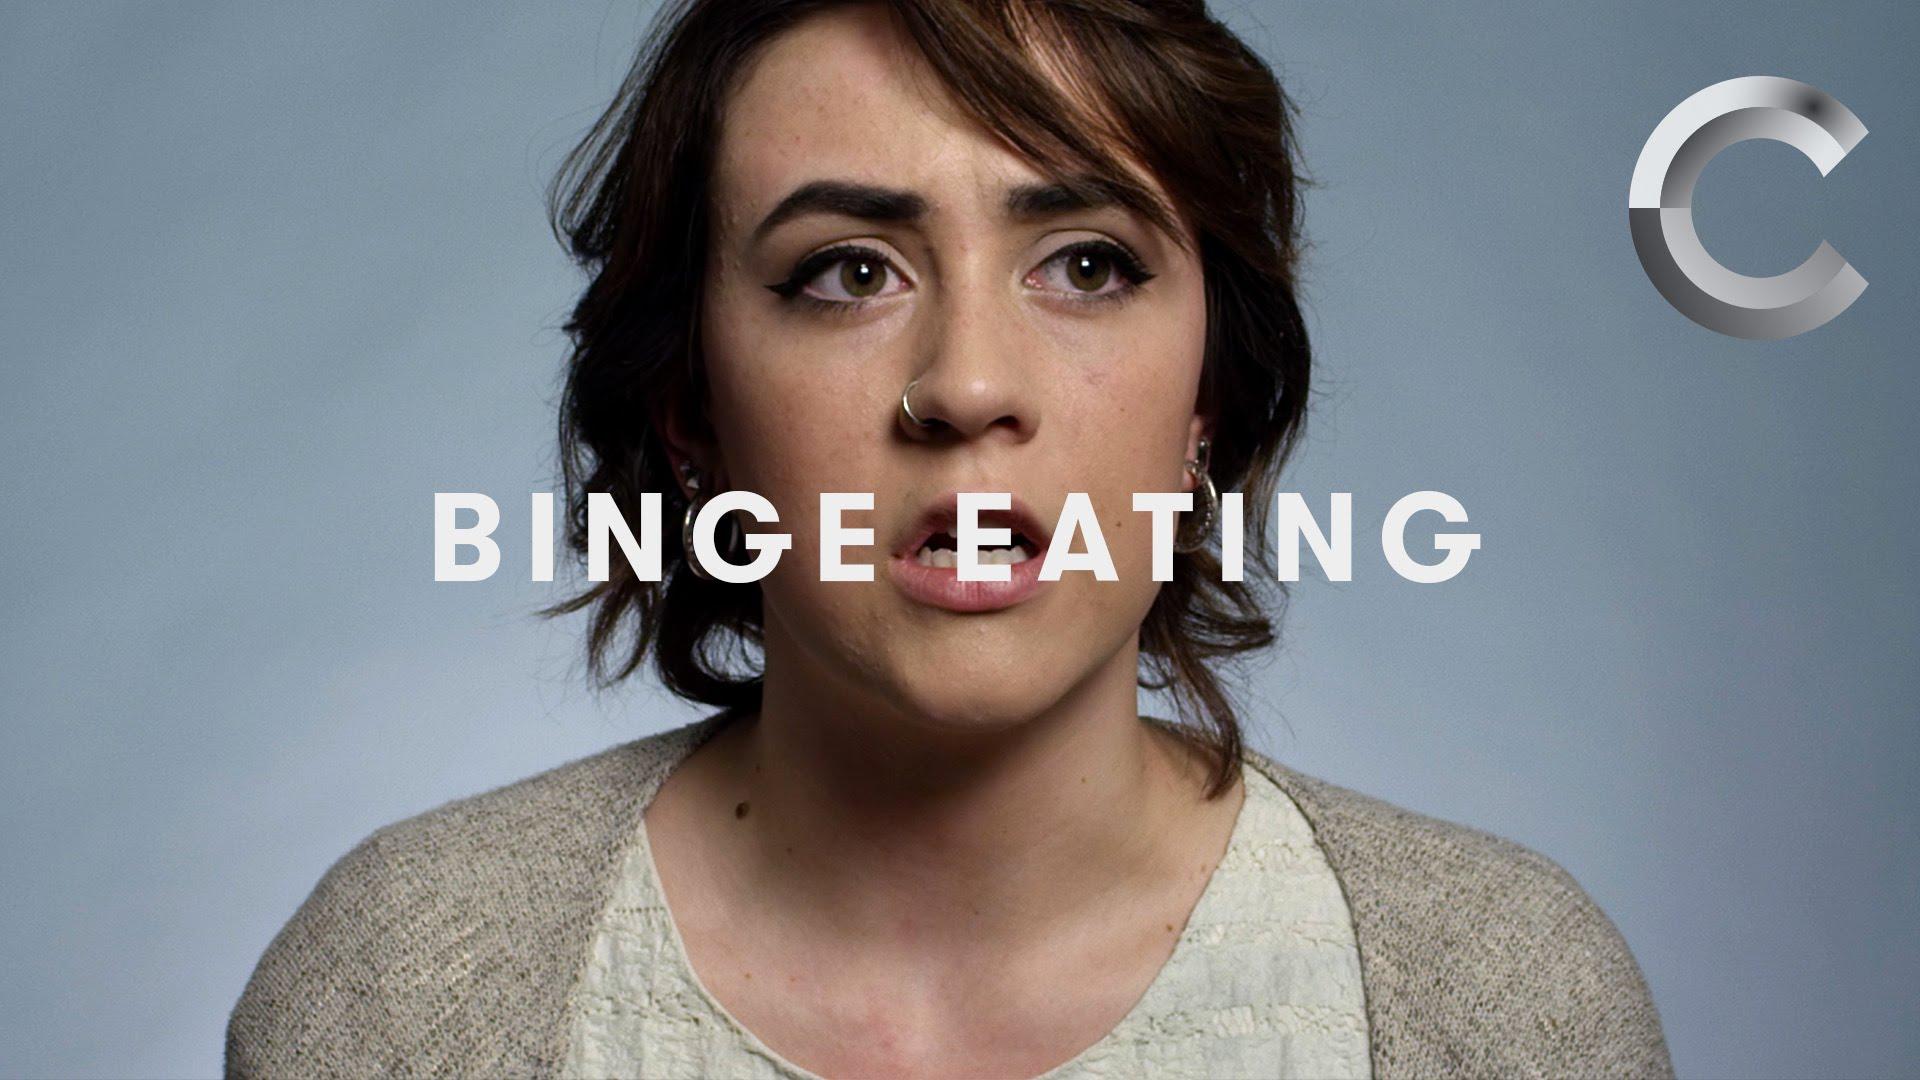 Eating Disorders - Binge Eating